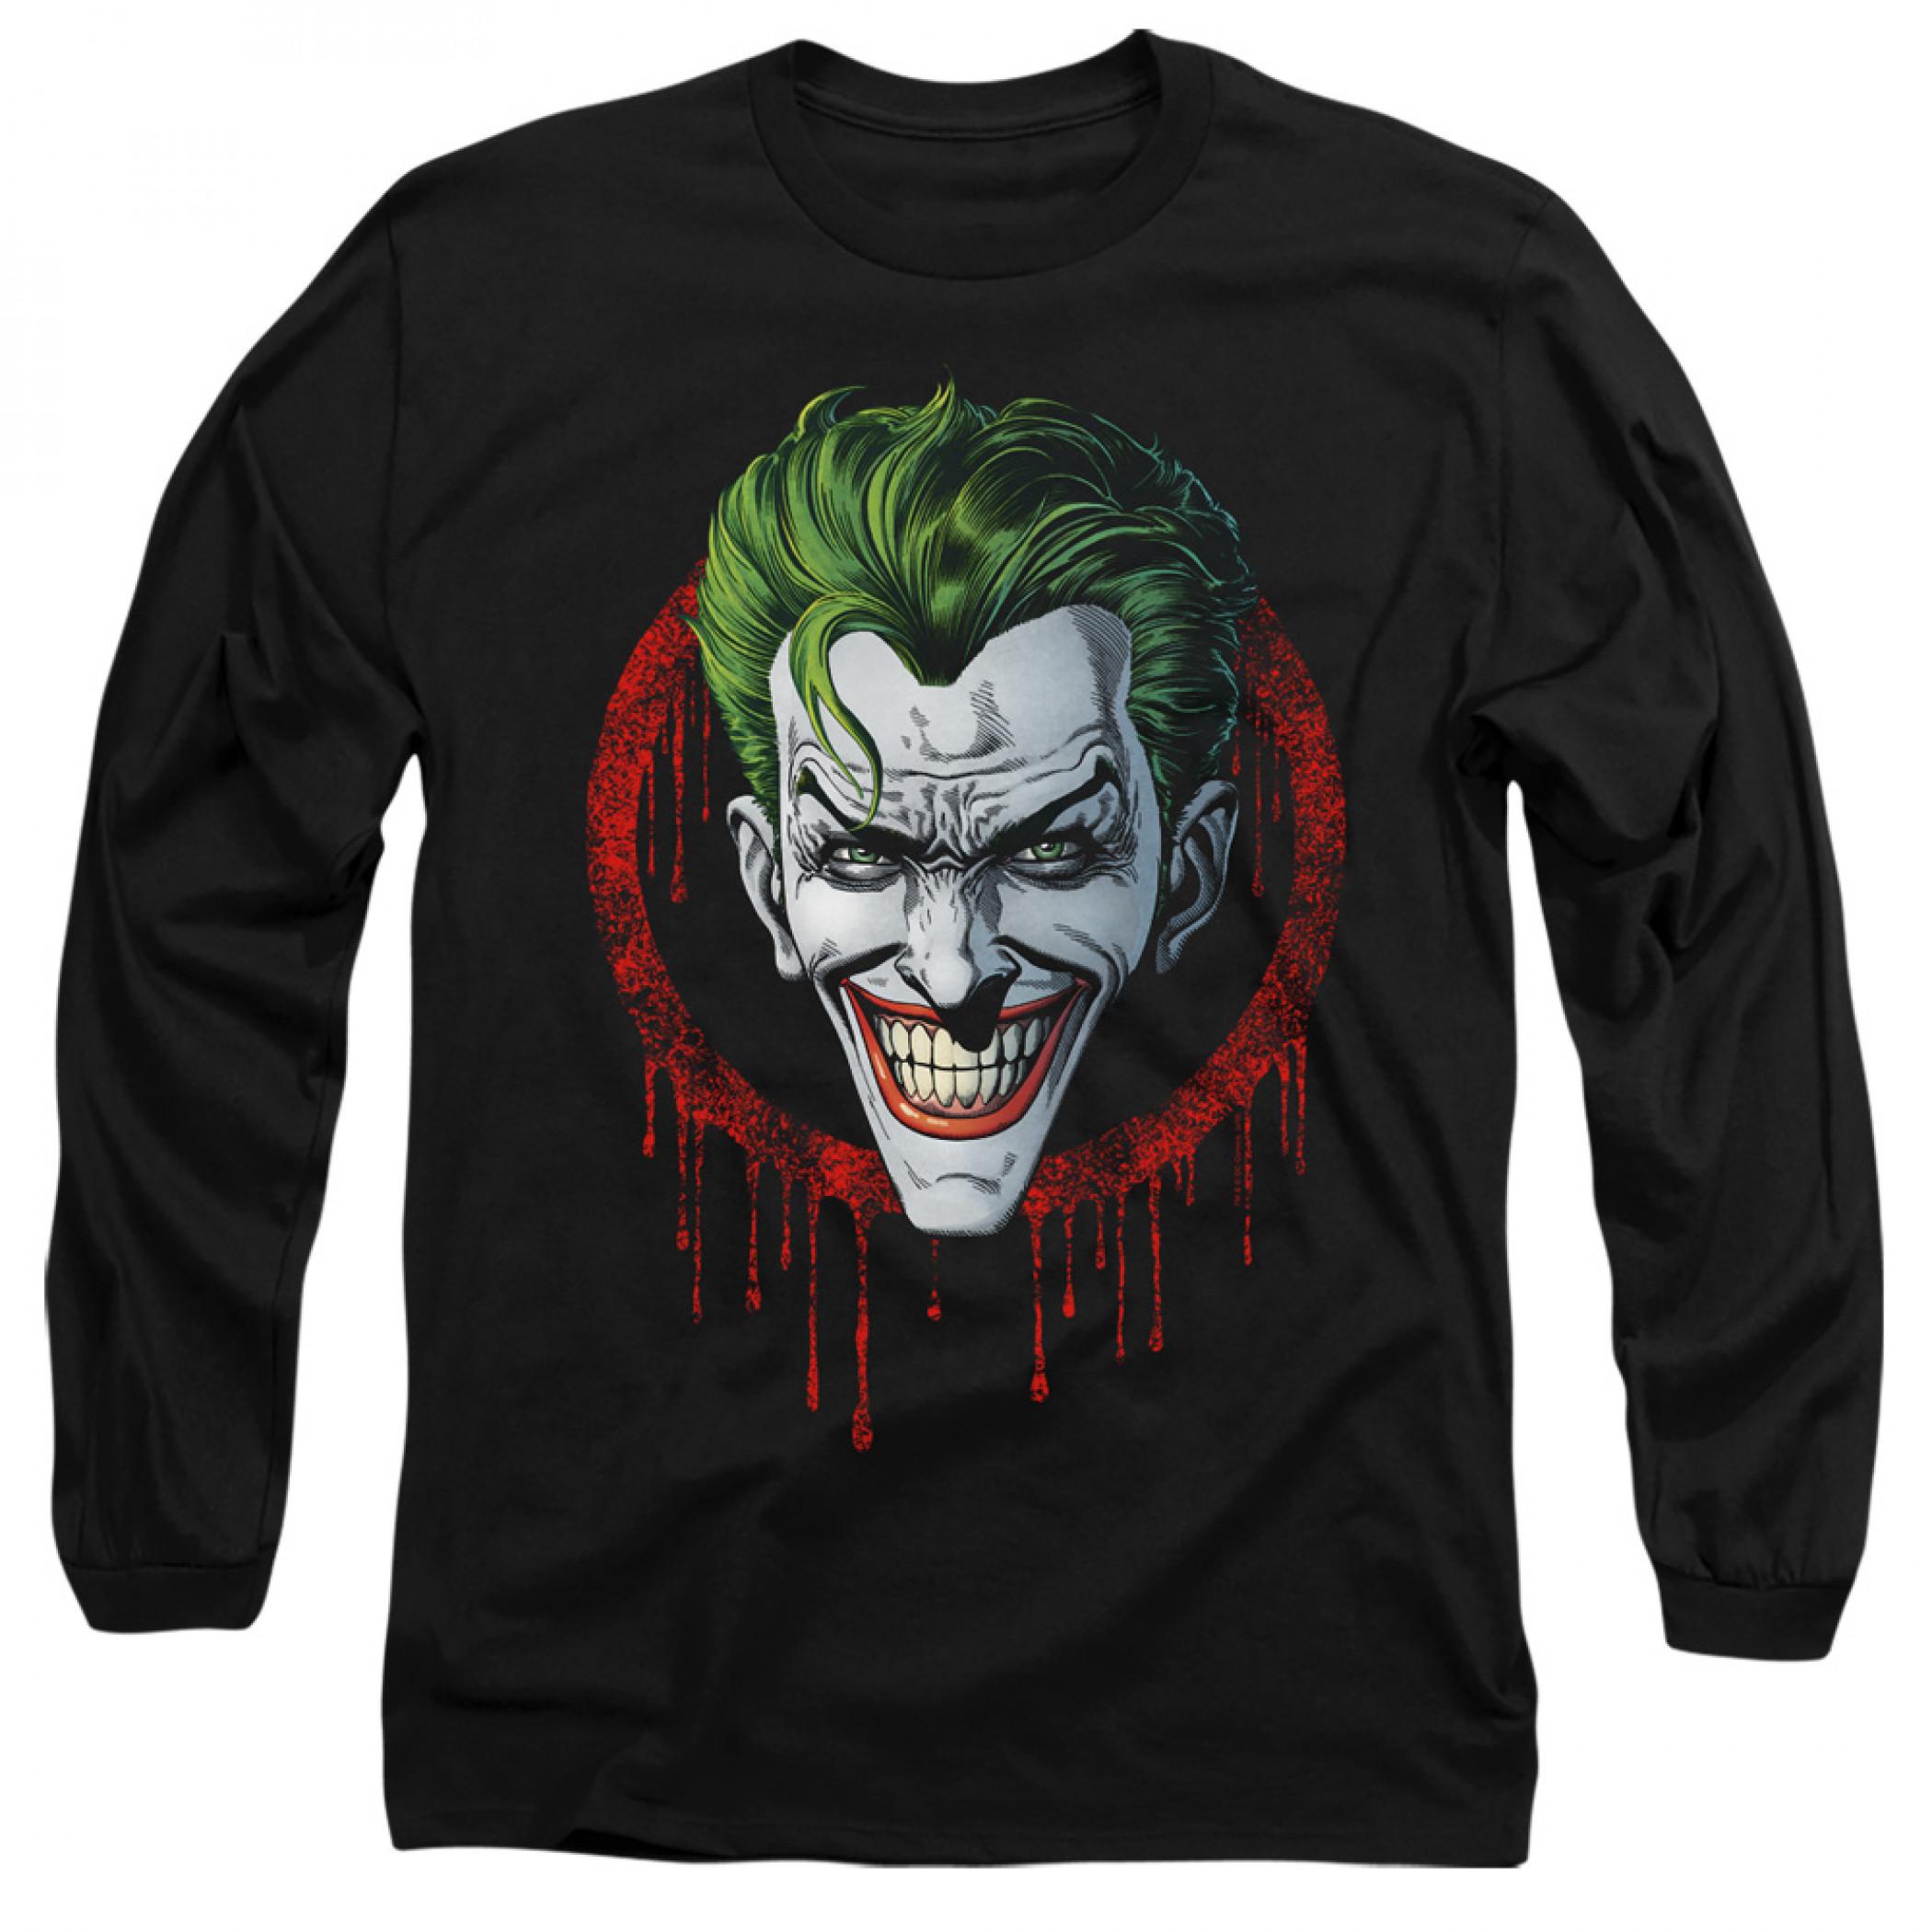 The Joker Drips Long Sleeve Shirt